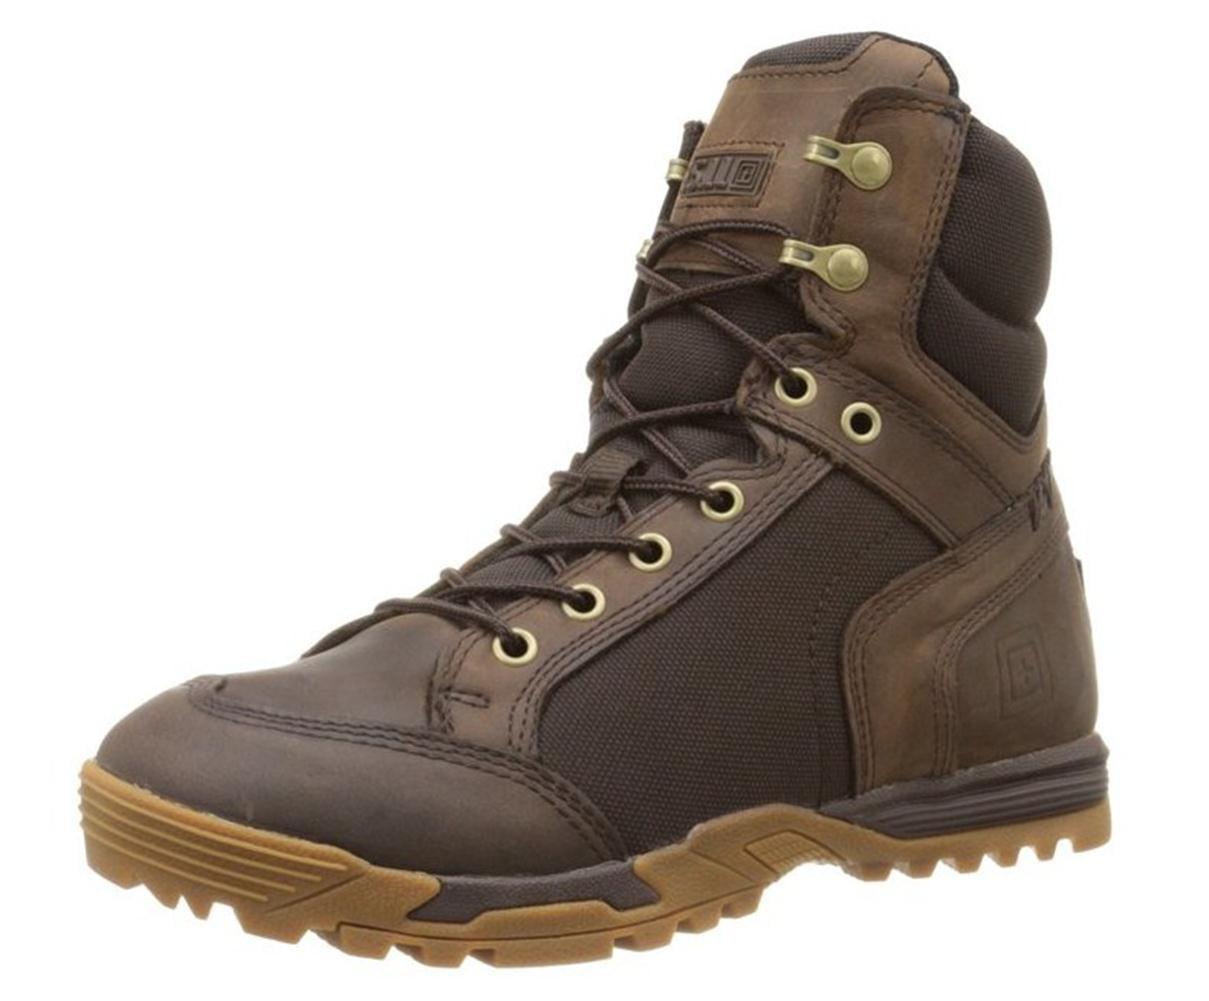 Tactical 5.11 Men Pursuit Advance 6'' Boots